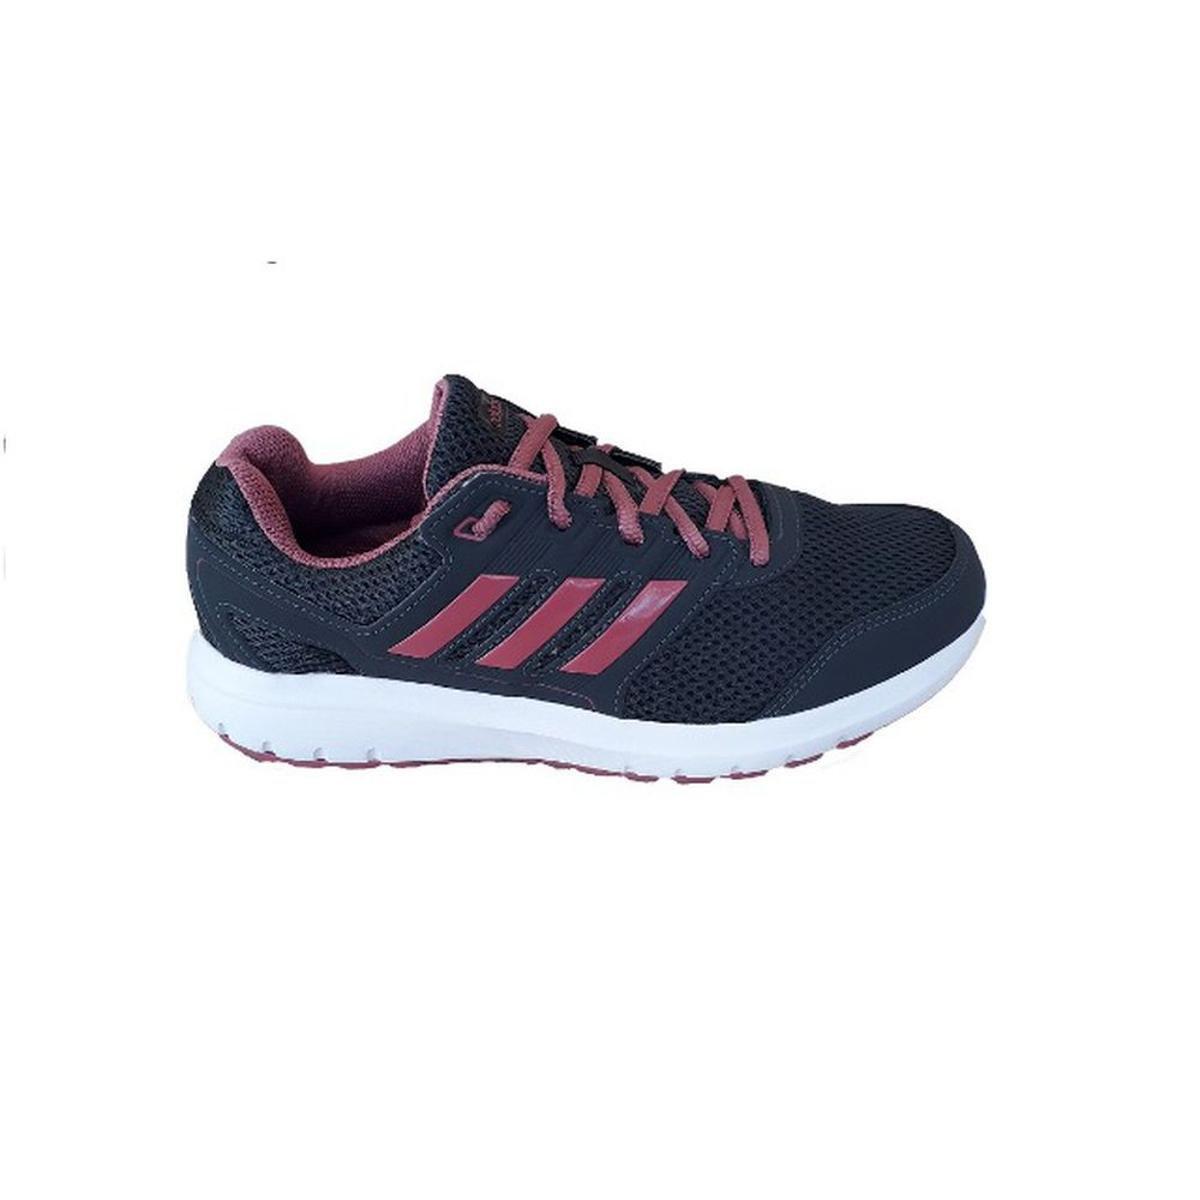 3a1ca455c96 Tênis Adidas Duramo Lite 2 0 Feminino